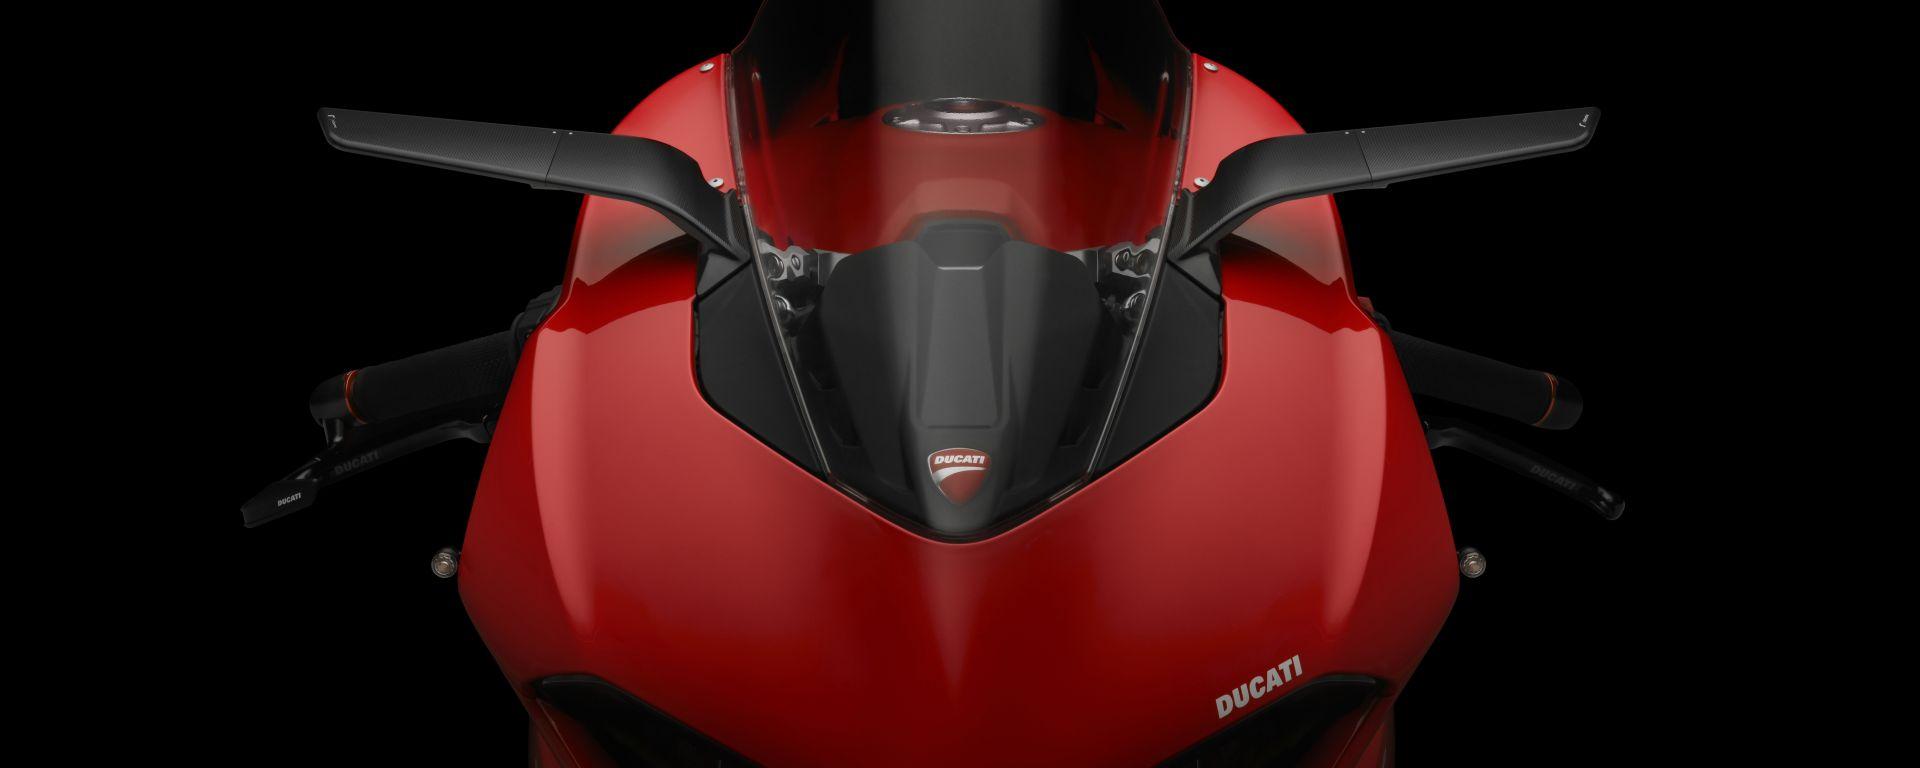 Rizoma Stealth su Ducati Panigale V2